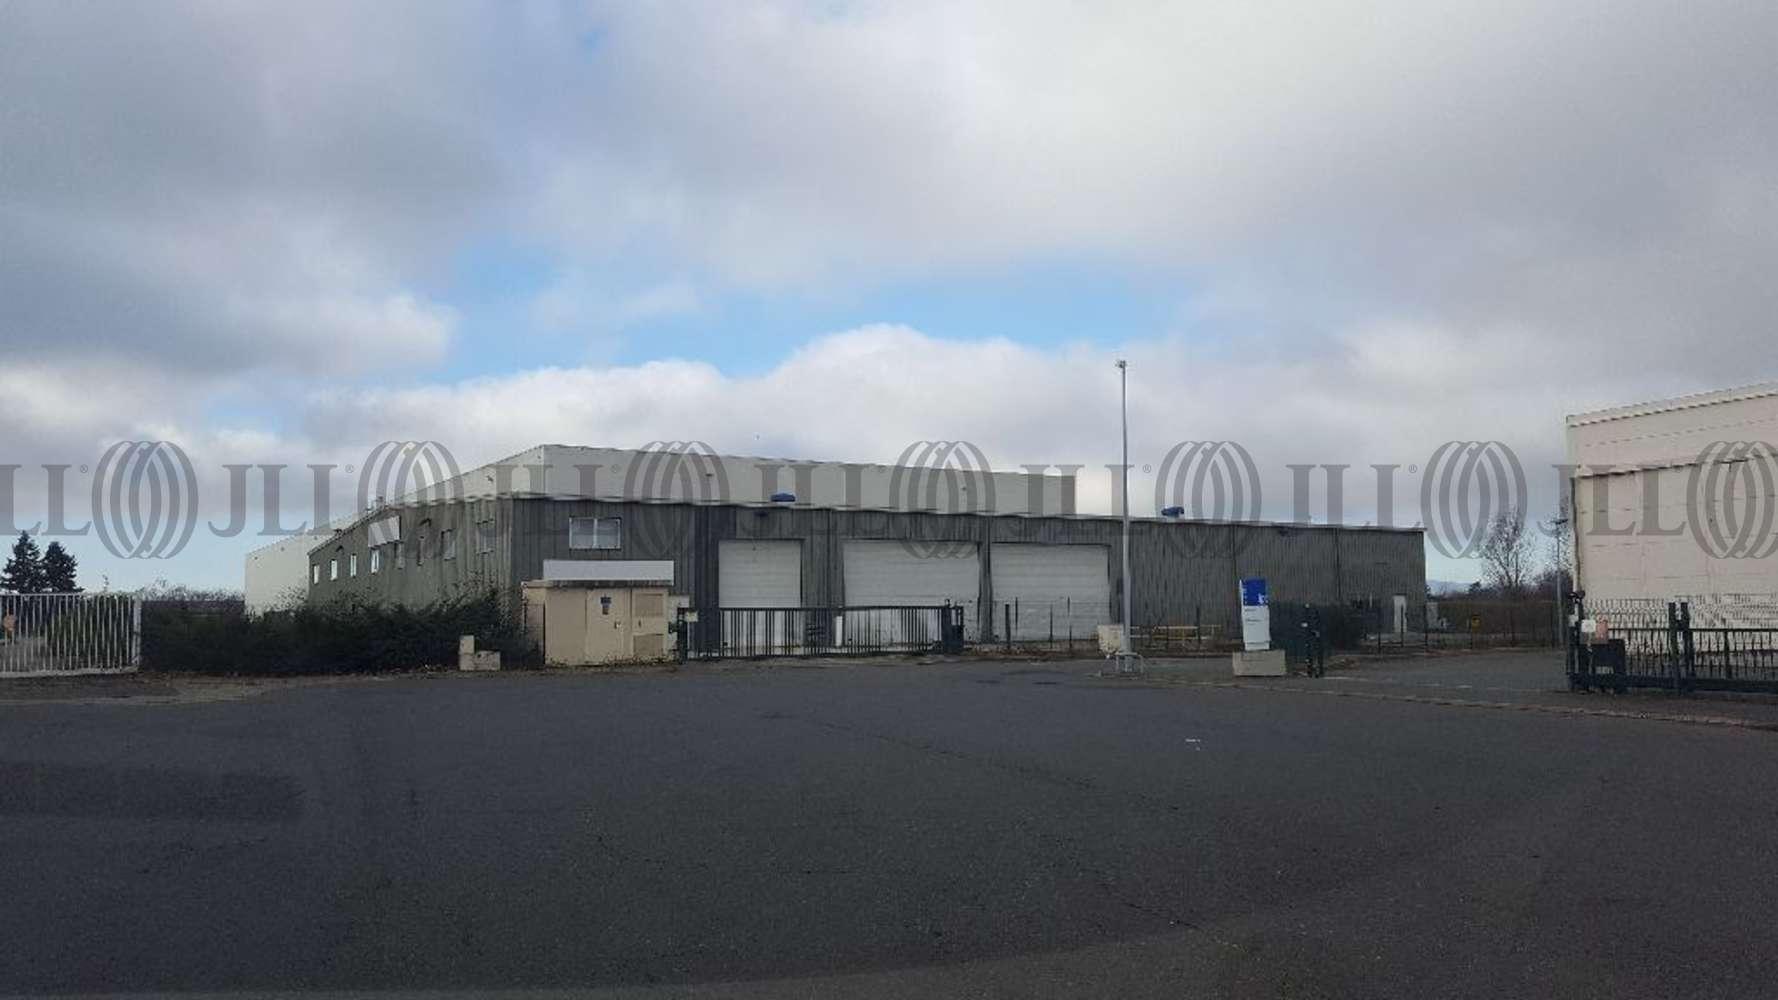 Activités/entrepôt Reyrieux, 01600 - Local d'activité mixte récent - Ain (01) - 9467711